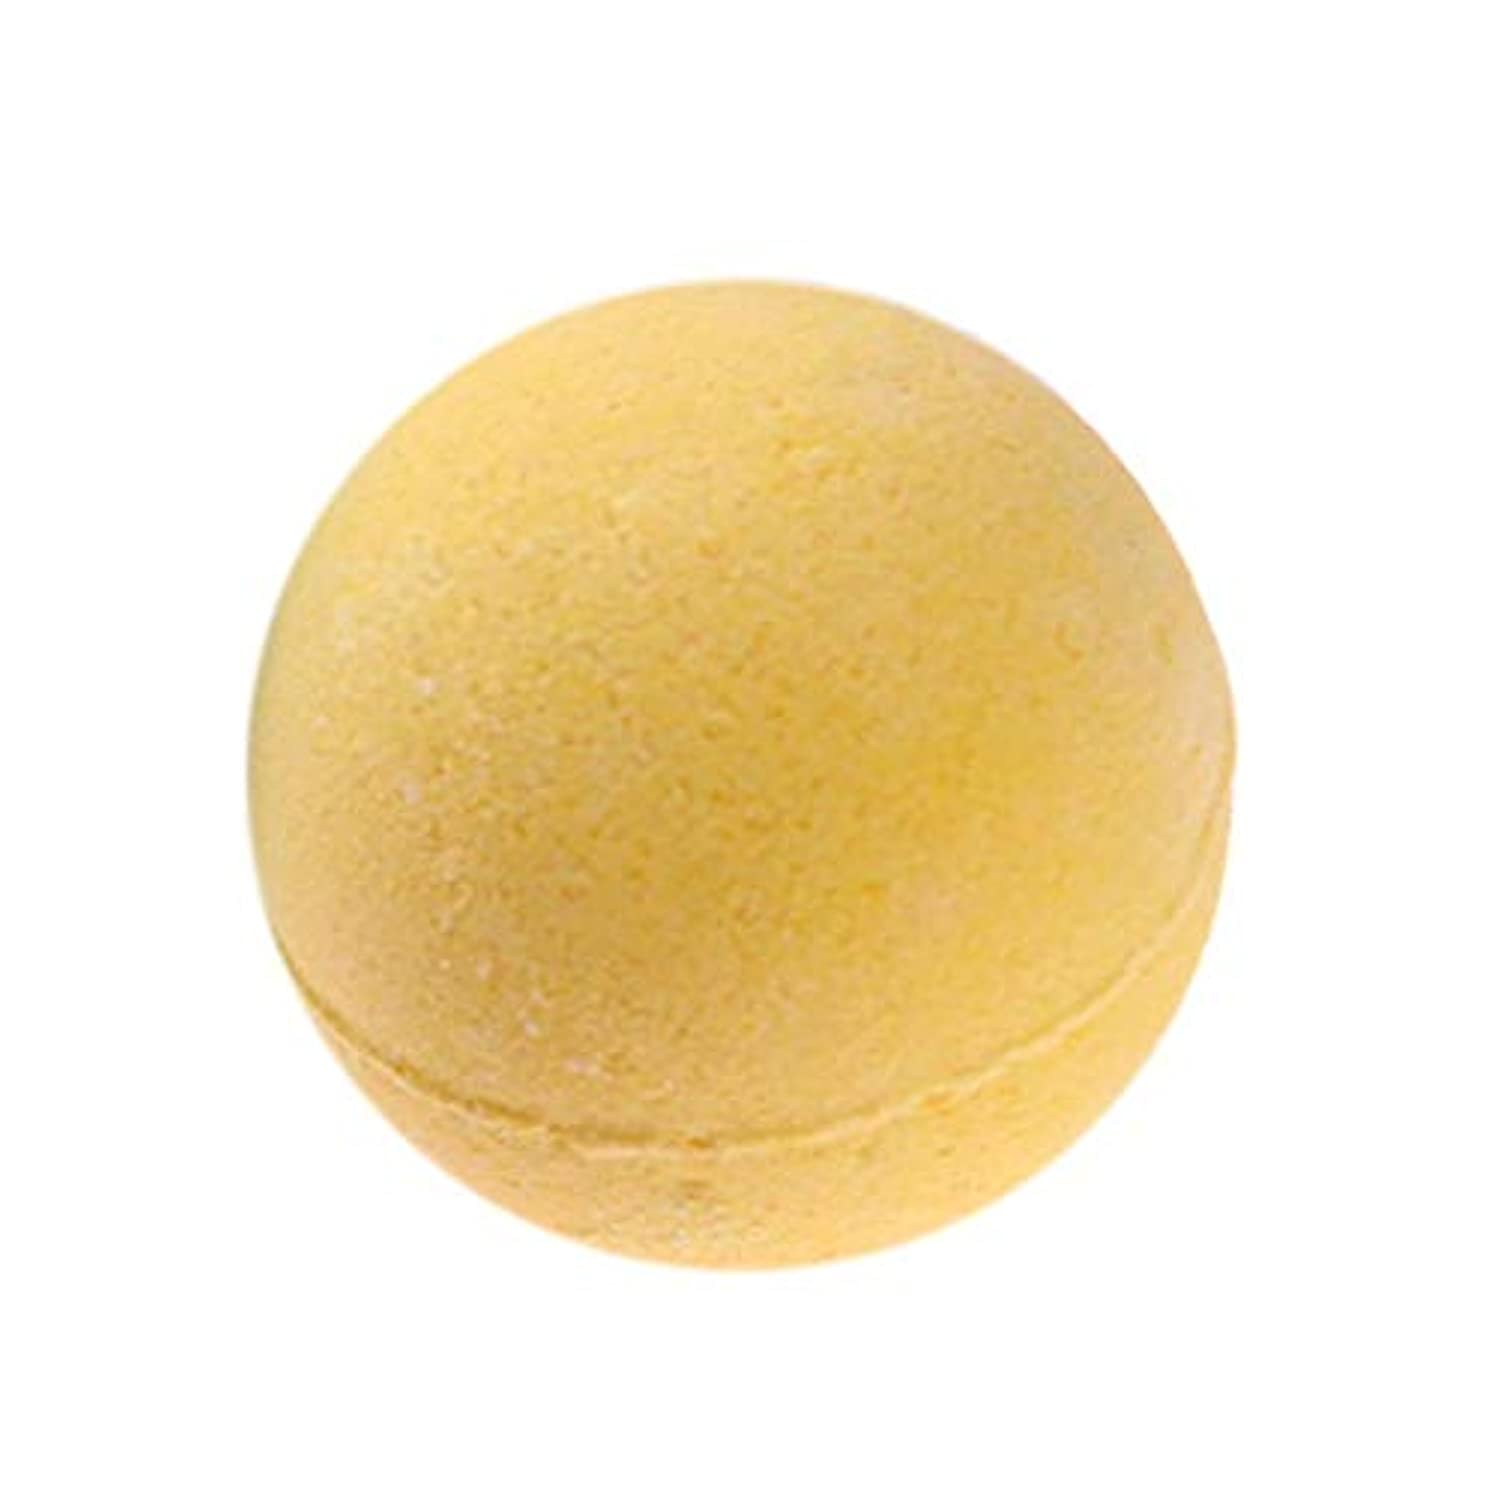 愛国的なものトムオードリースバスボール ボディスキンホワイトニング バスソルト リラックス ストレスリリーフ バブルシャワー 爆弾ボール 1pc Lushandy